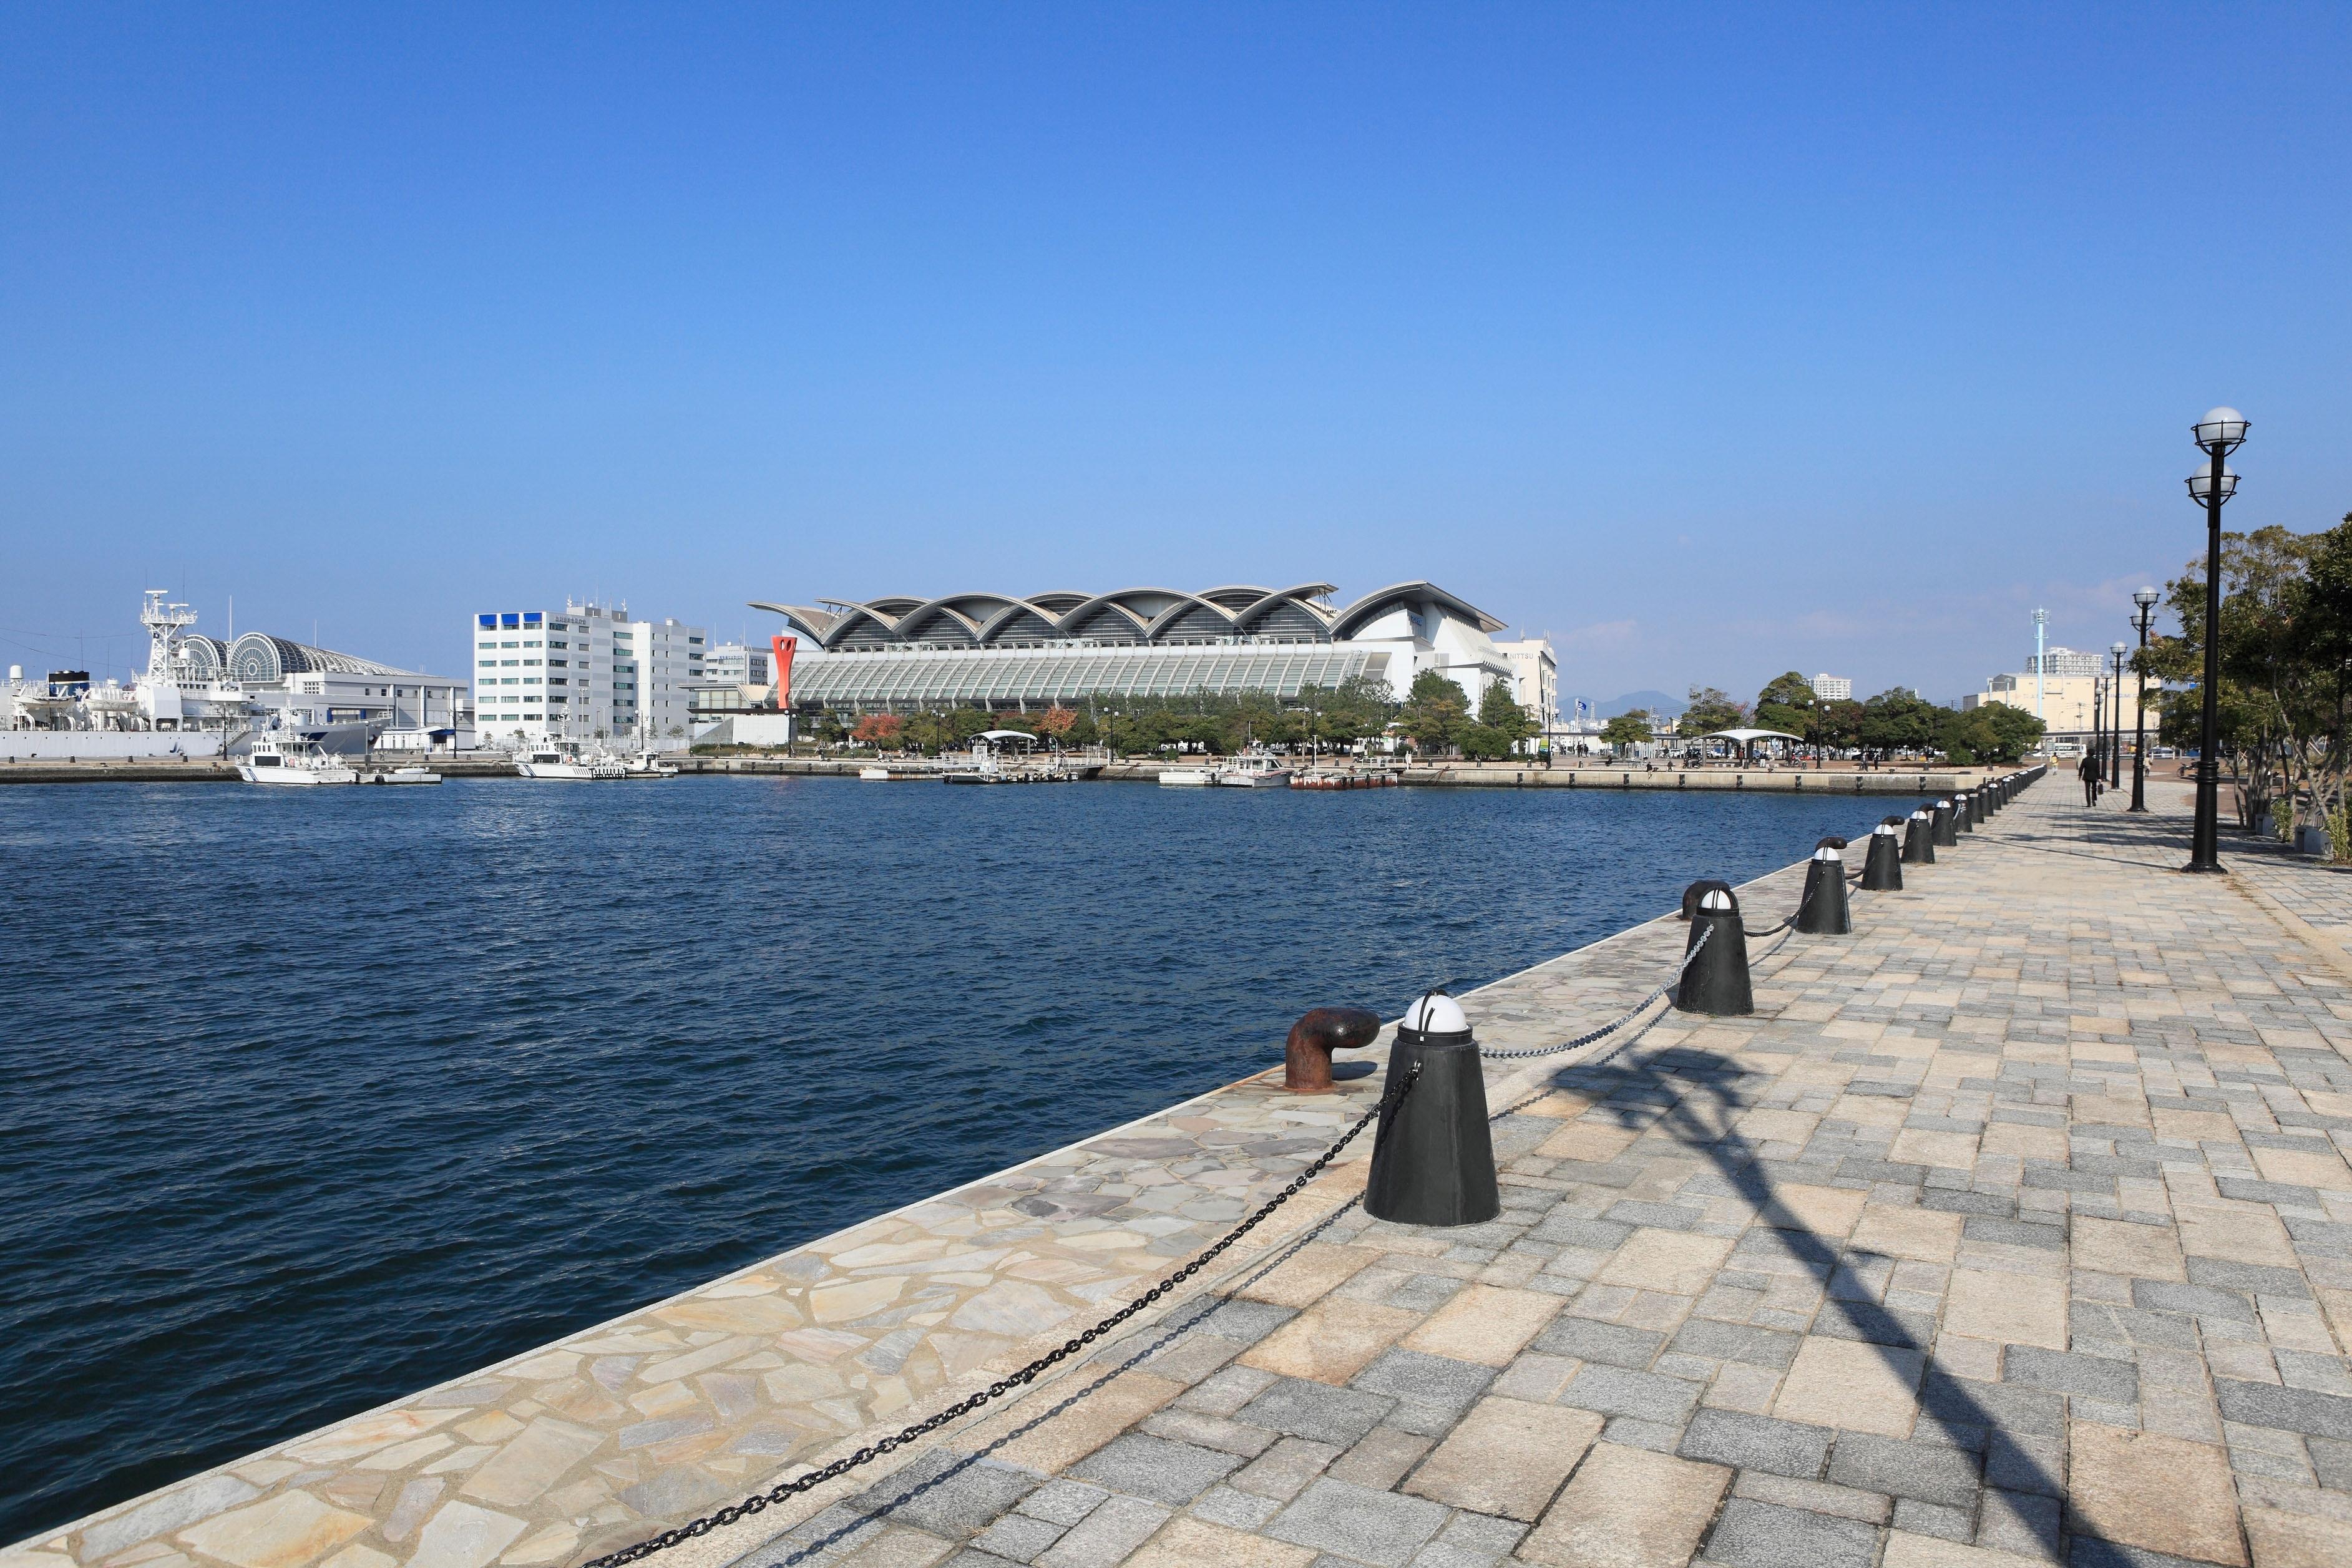 Marine Messe Fukuoka, Fukuoka, Präfektur Fukuoka, Japan